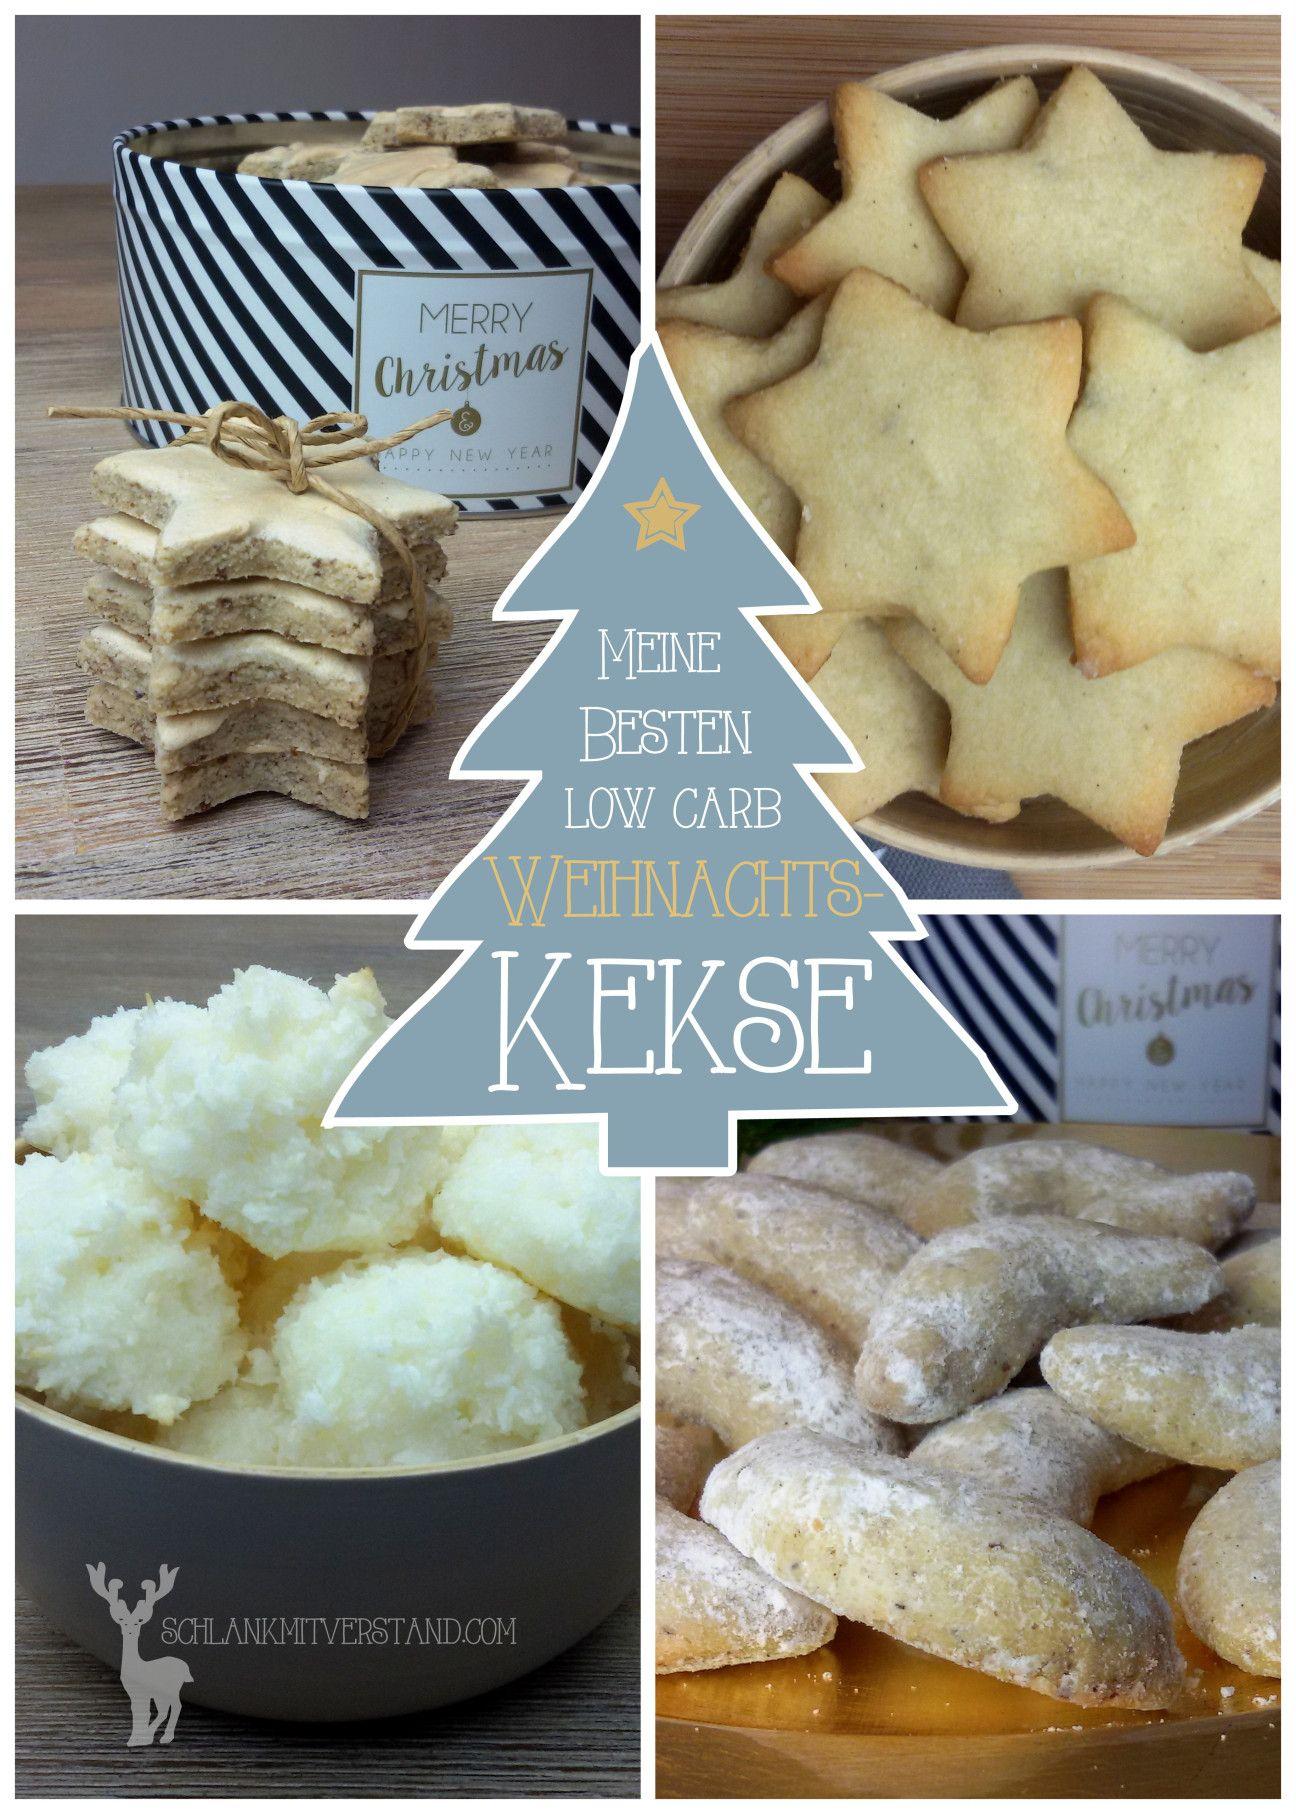 Meine besten low carb Weihnachts-Plätzchen Rezepte | Recipes ...